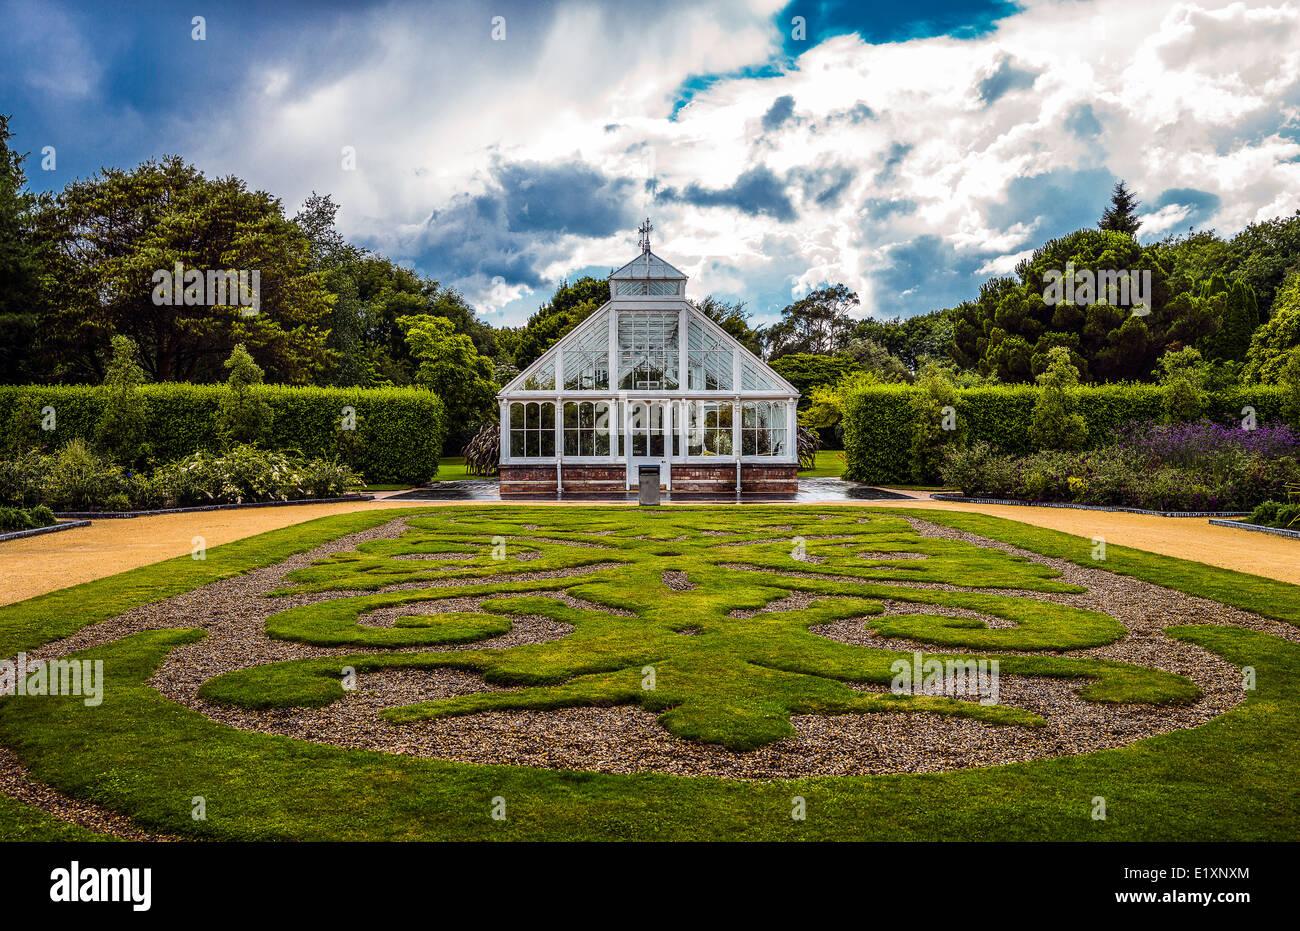 Ireland, Dublin county, the Victoria green house in the Malahide garden - Stock Image